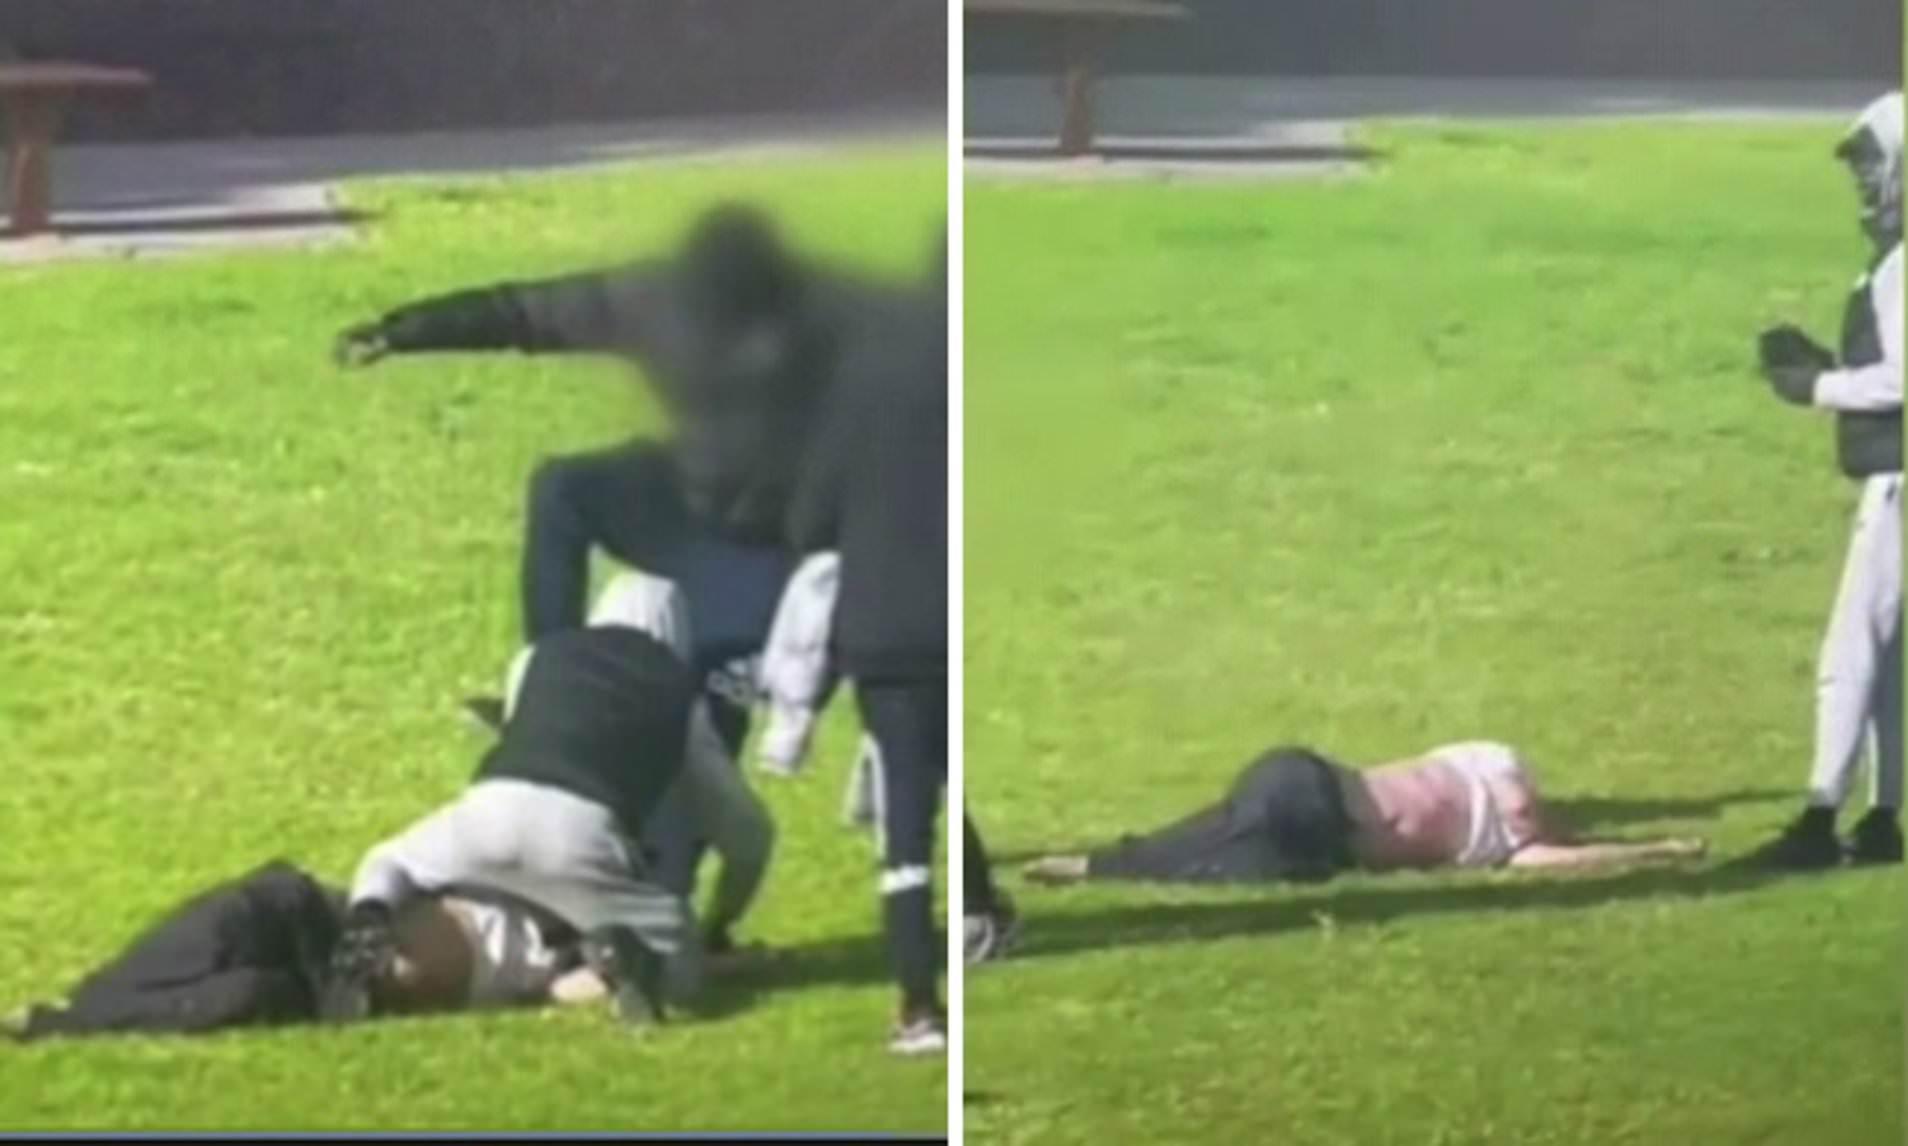 فيديو: اعتداء وحشي بالضرب على رجل أعمى في ملبورن